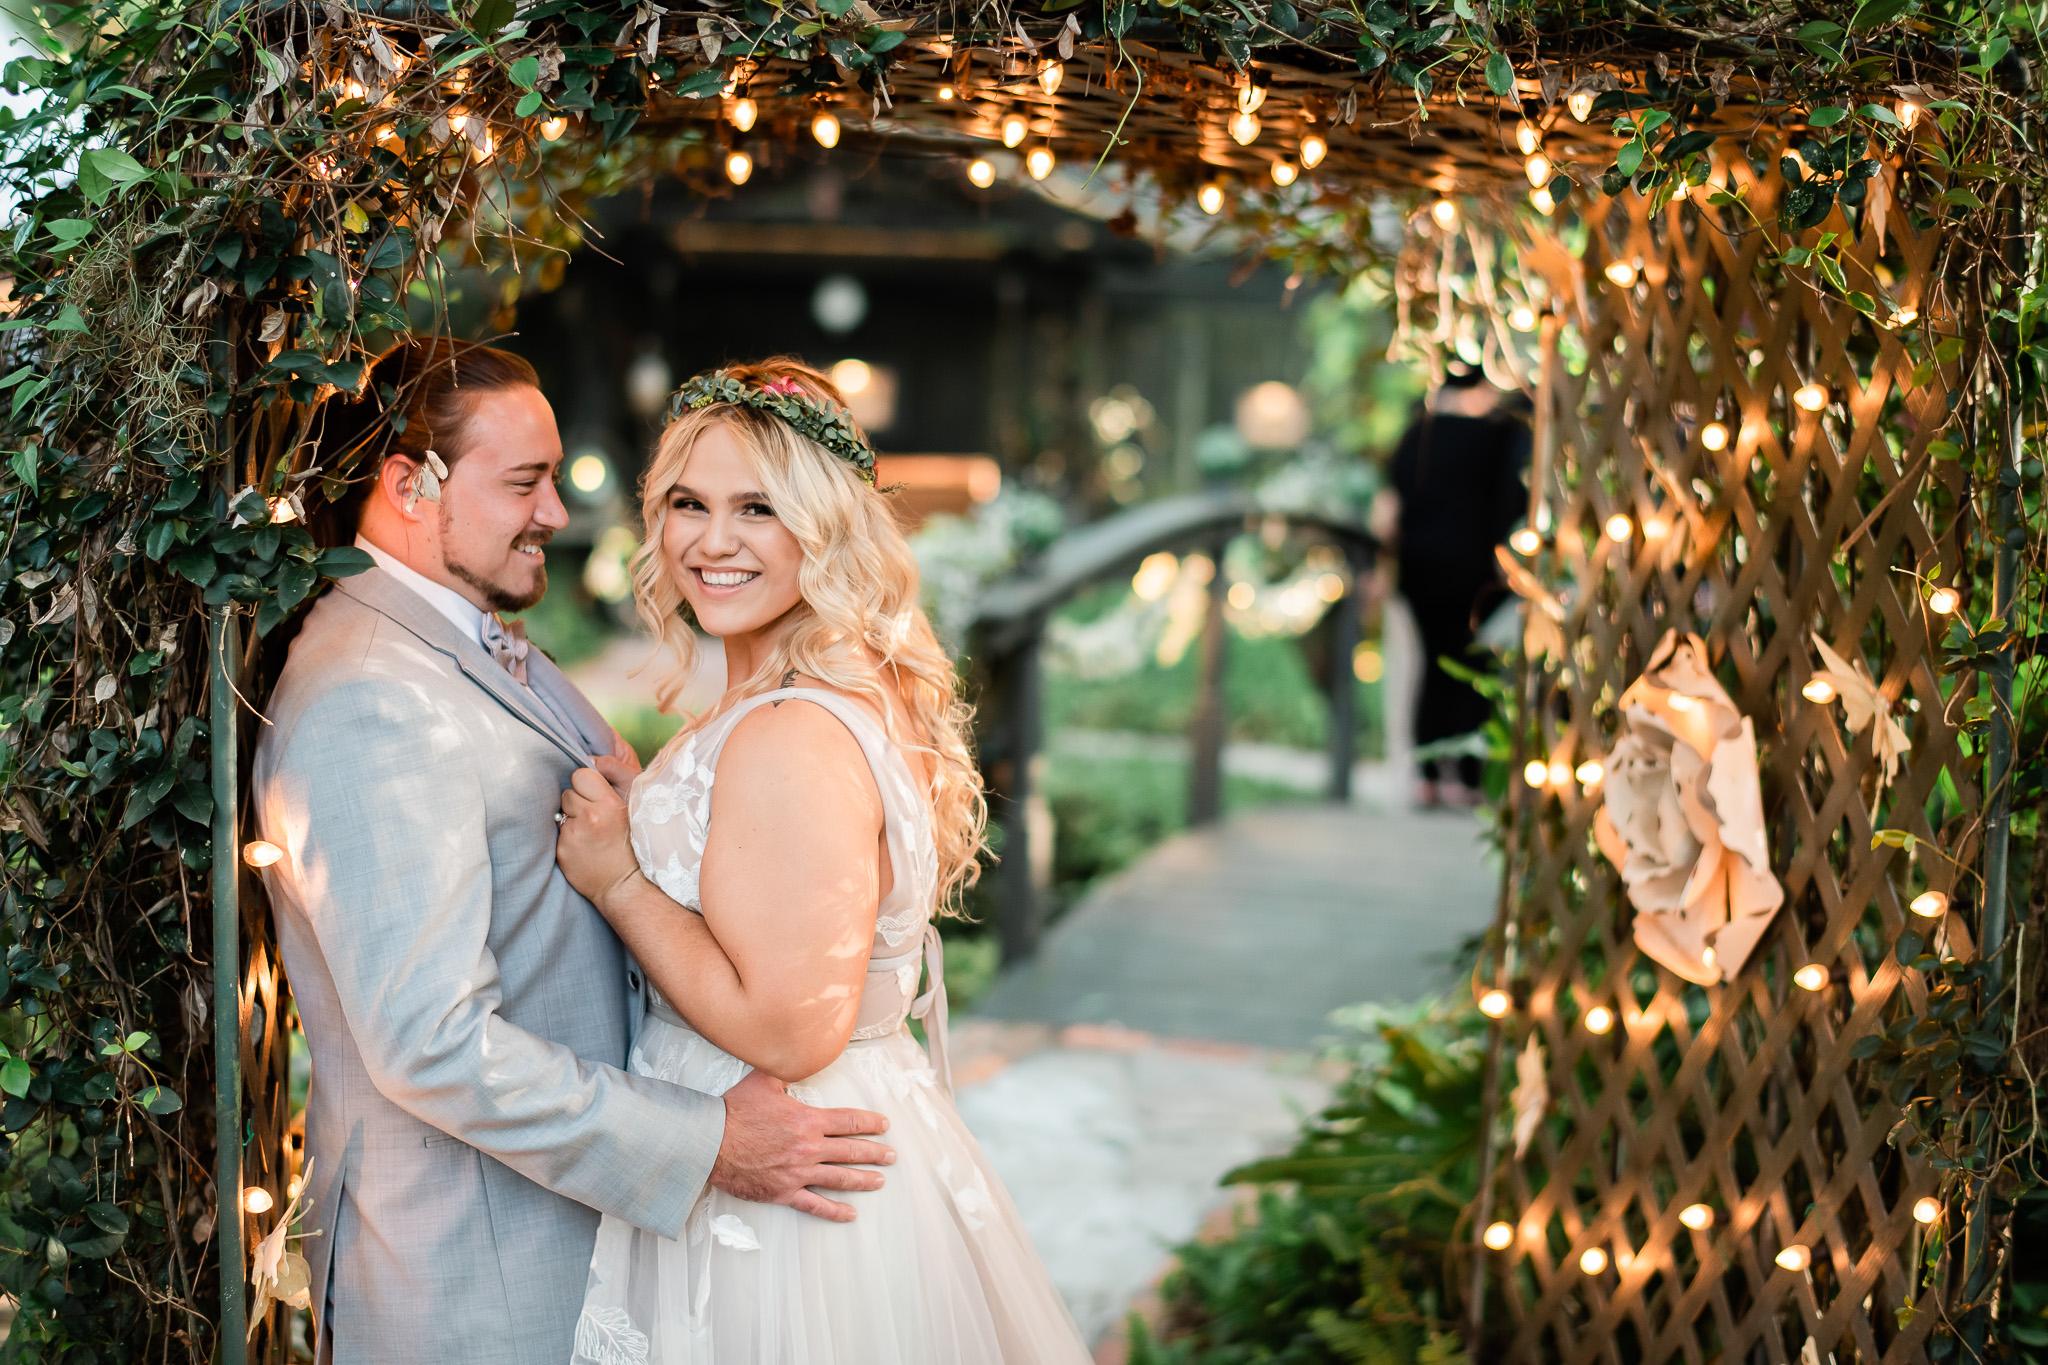 TAMPA_WEDDING_GIGIS_COUNTRY_GARDEN_CJMZ_Z85_9996.jpg